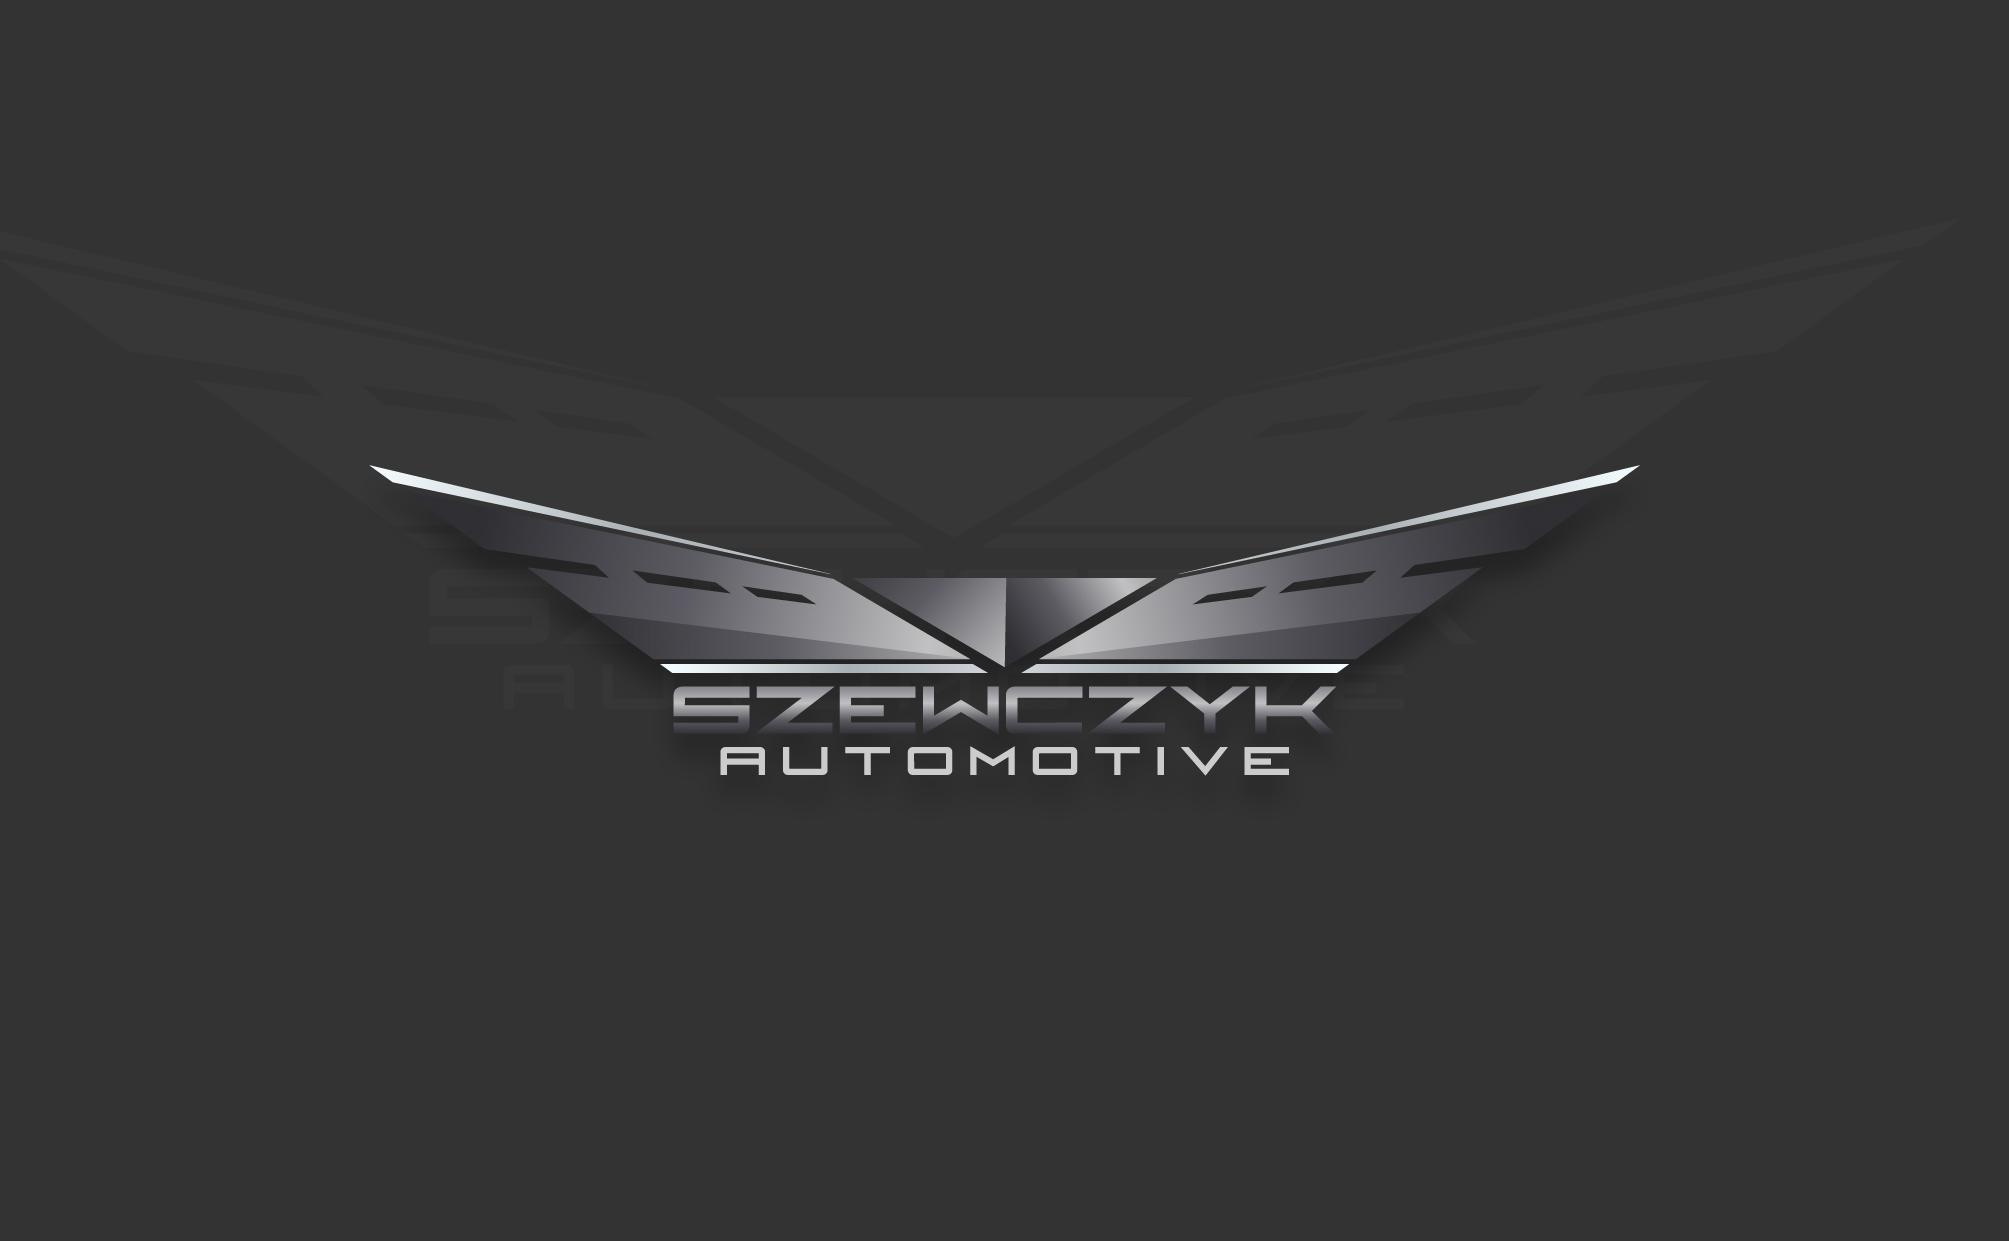 projekt logo SZEWCZYK AUTOMOTIVE-06